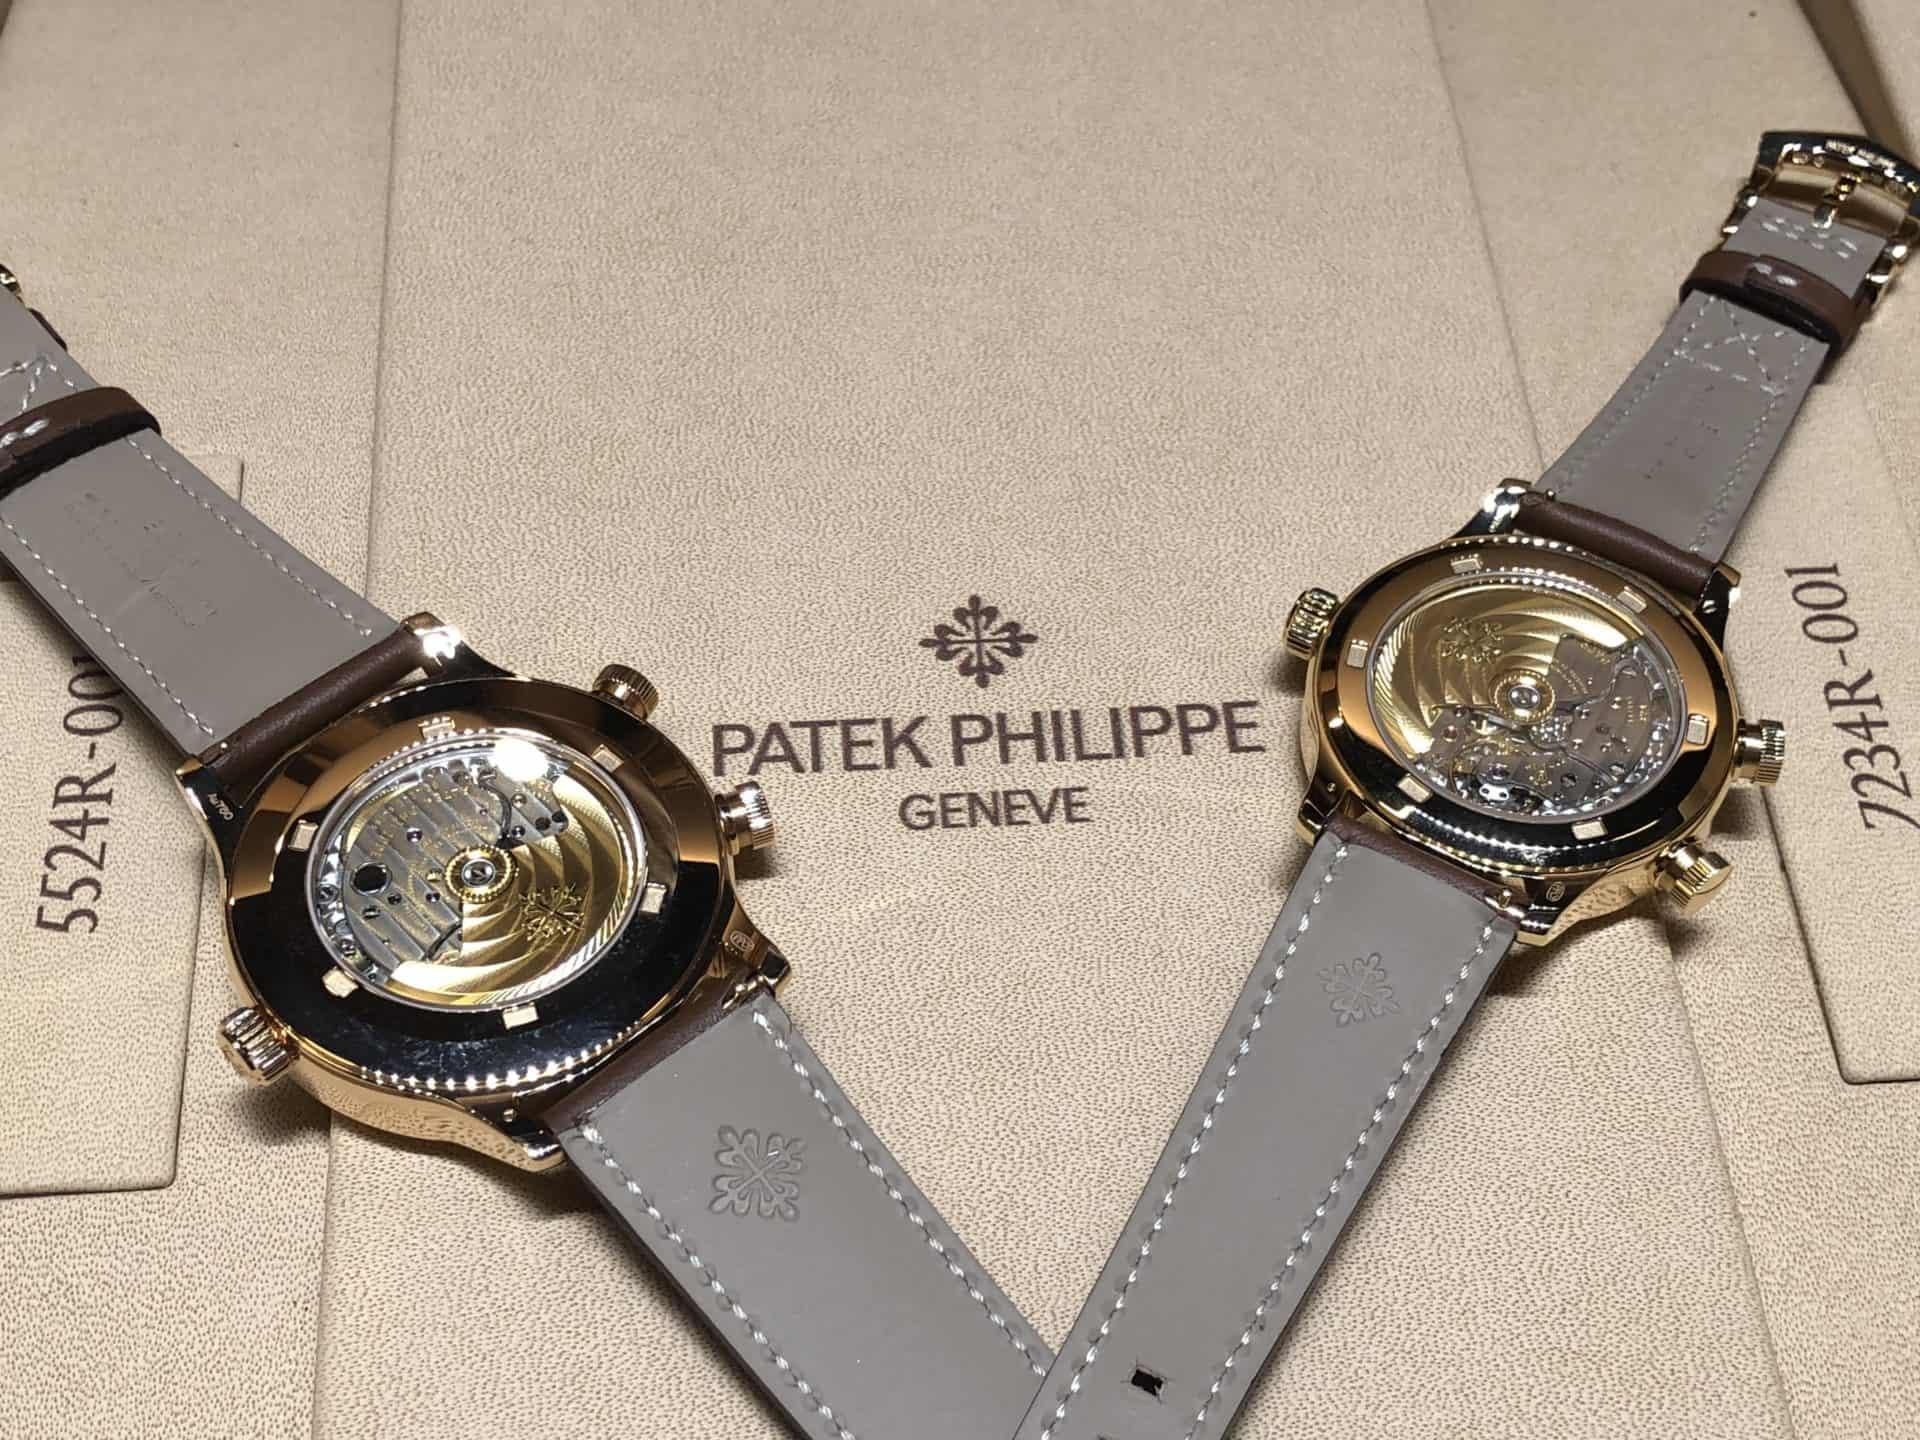 Das Automatikwerk der Patek Philippe mit Weltzeitindikation ist in beiden Fällen gleich